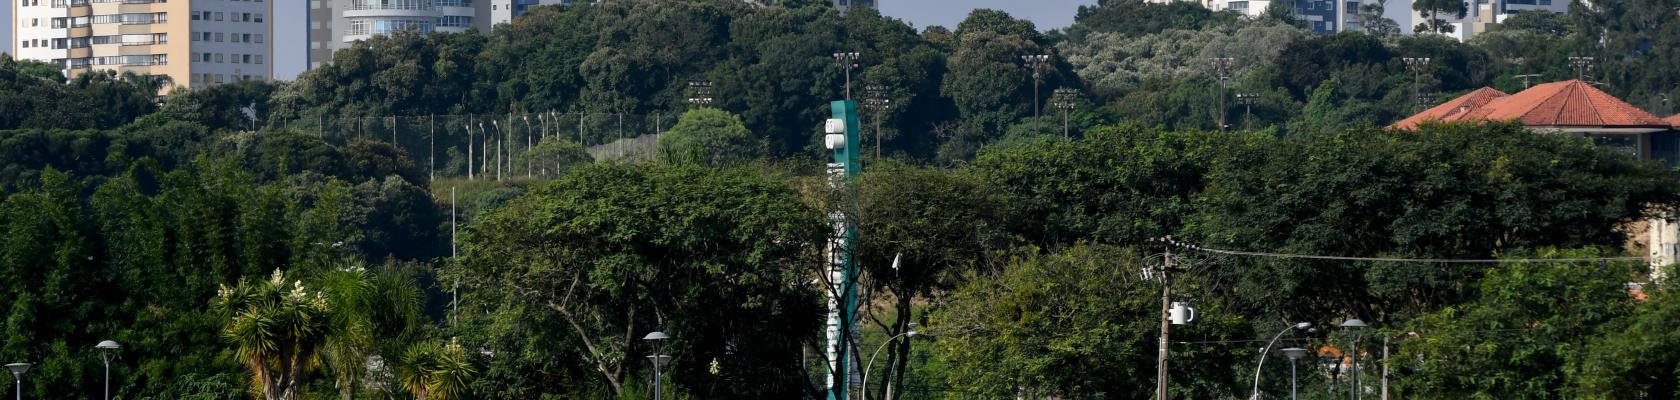 Parc Barigui, situé au coeur de la ville de Curitiba. Ville durable, Brésil